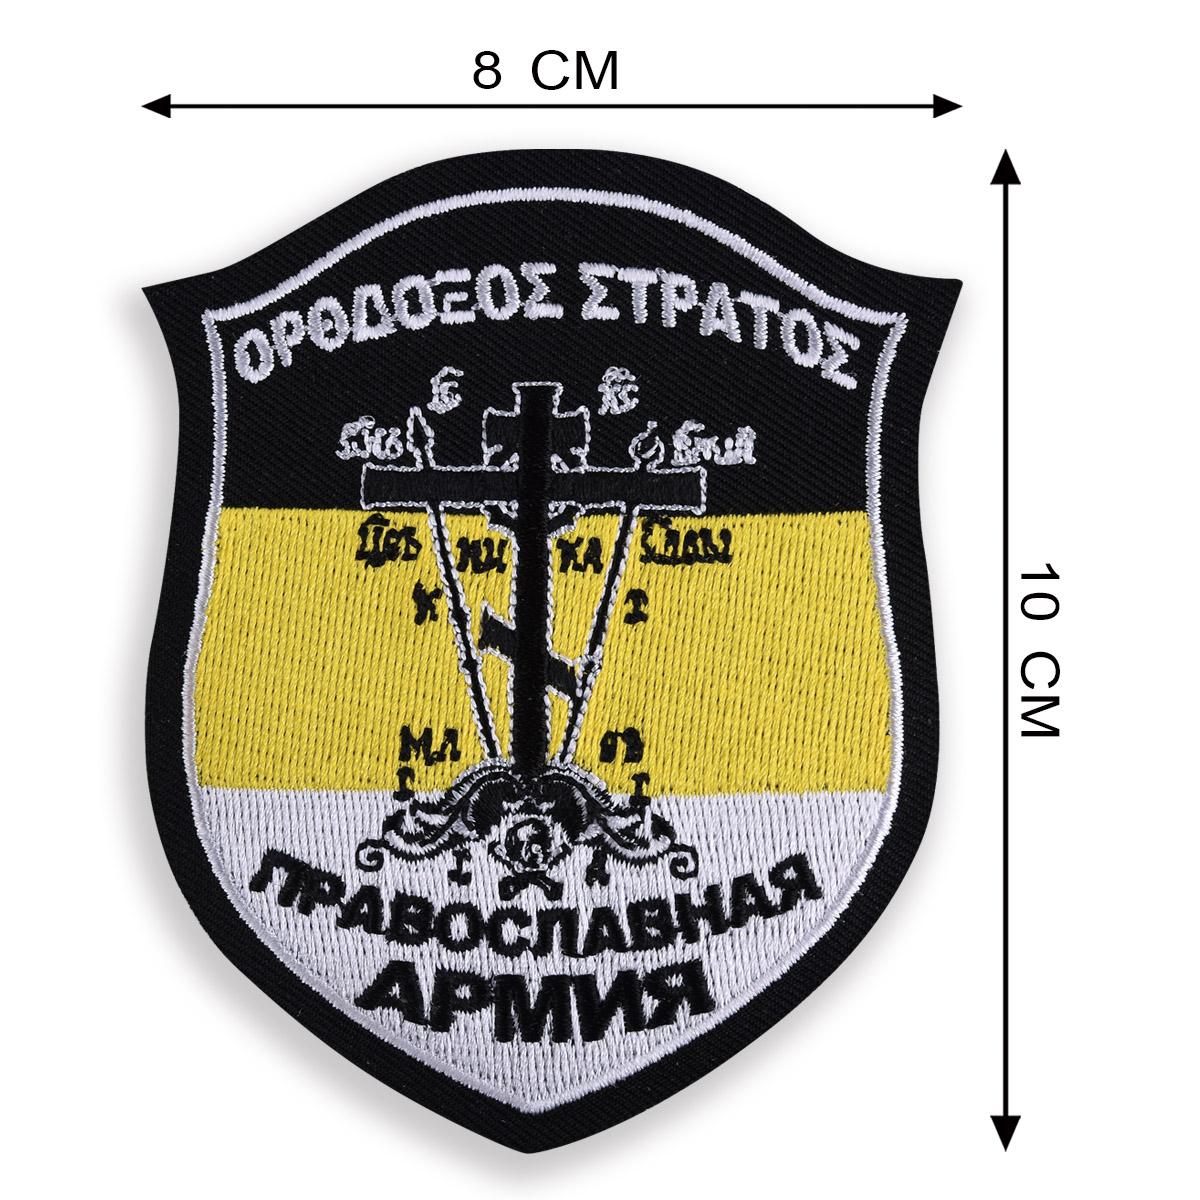 Статусная толстовка с имперской вышивкой Православная Армия.